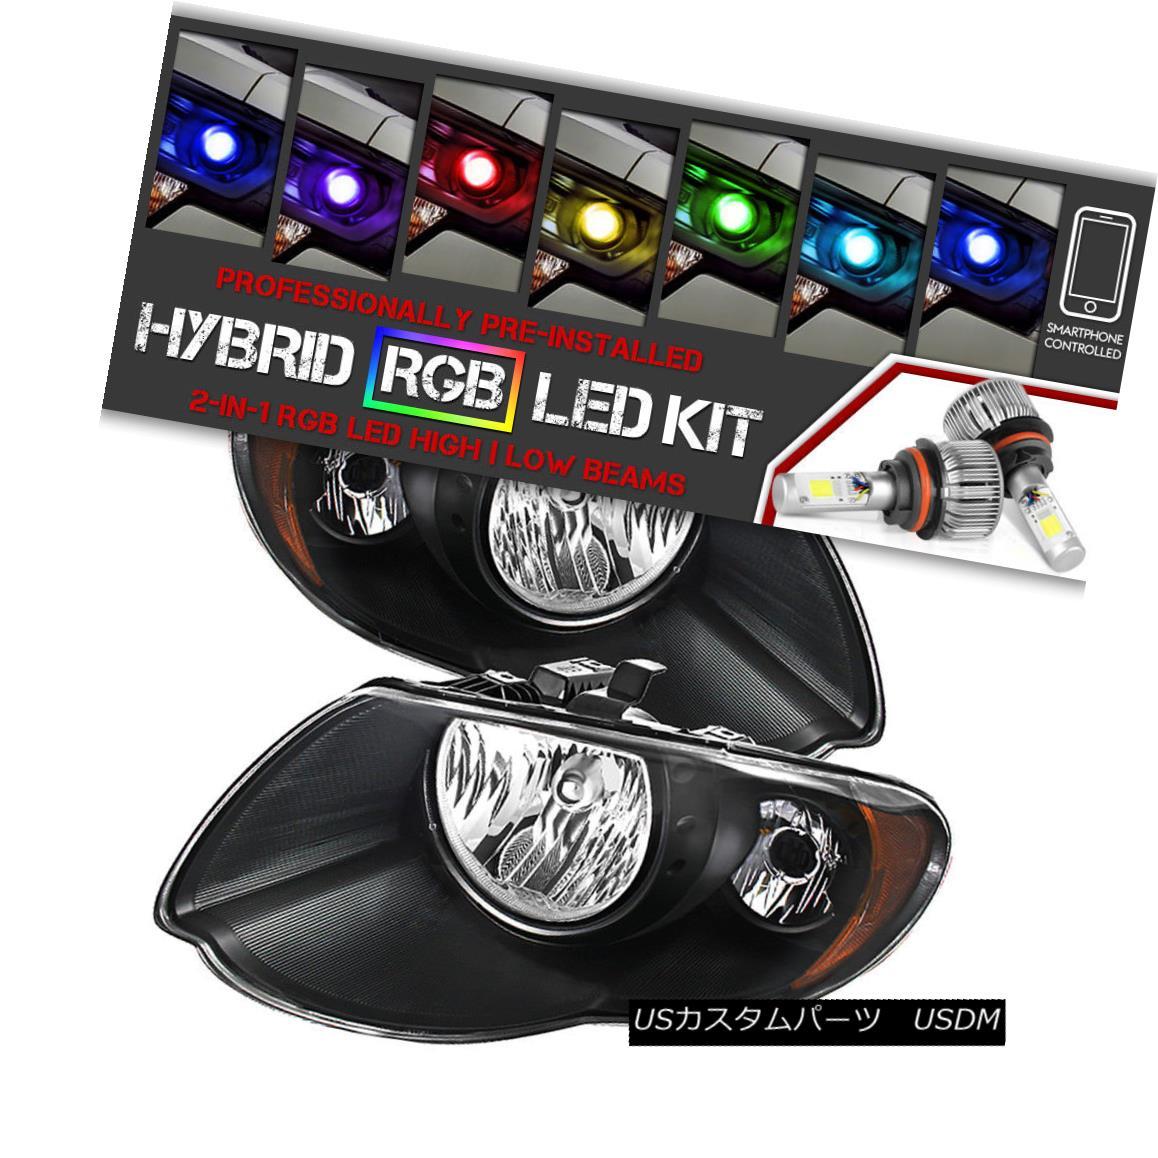 ヘッドライト [Bluetooth RGB LED Bulbs]05-07 Chrysler Town&Country Black Replacement Headlight [Bluetooth RGB LED電球] 05-07クライスラータウン&カントリーブラック代替ヘッドライト